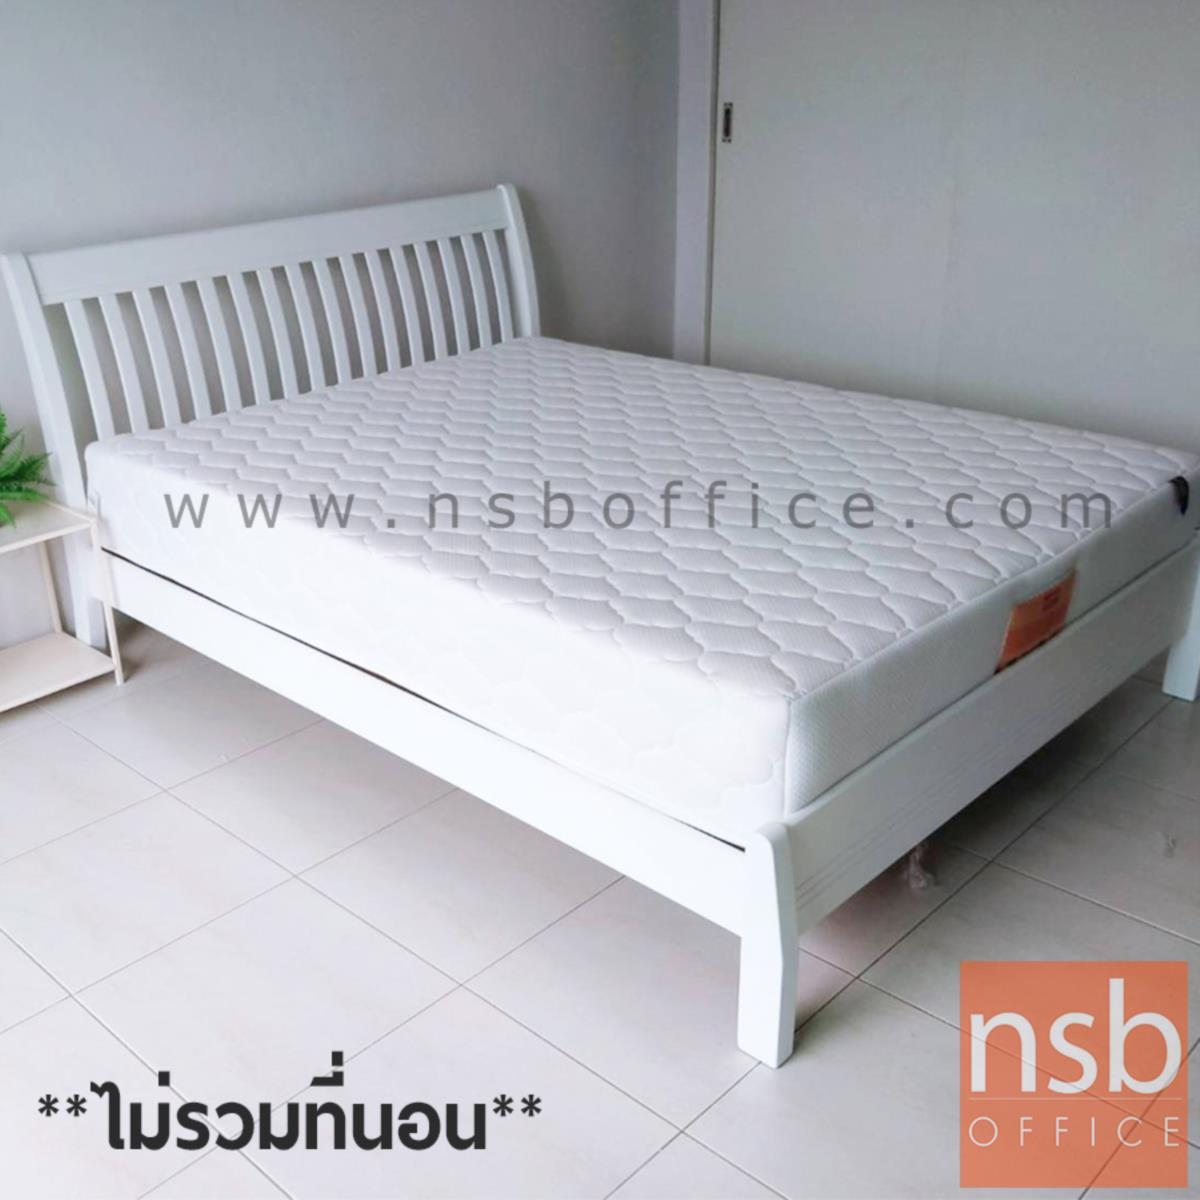 เตียงไม้ยางพาราล้วน รุ่น MERRY-FU 5 และ 6 ฟุต หัวเตียงไม้ระแนง